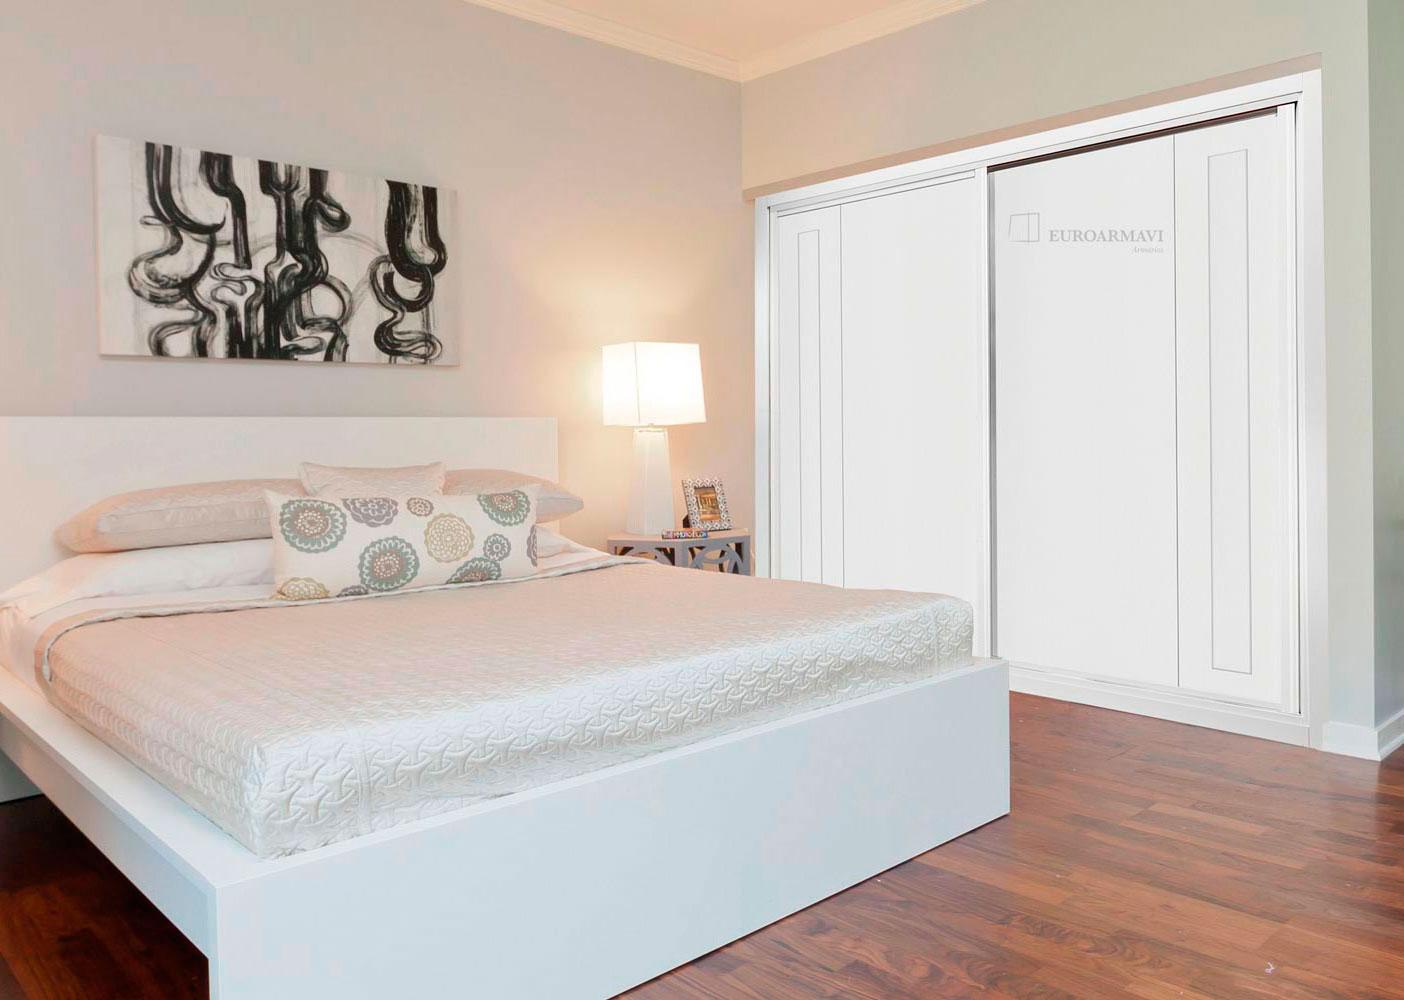 Lacado 922 puertas innova s l u for Armario de dormitorio blanco barato